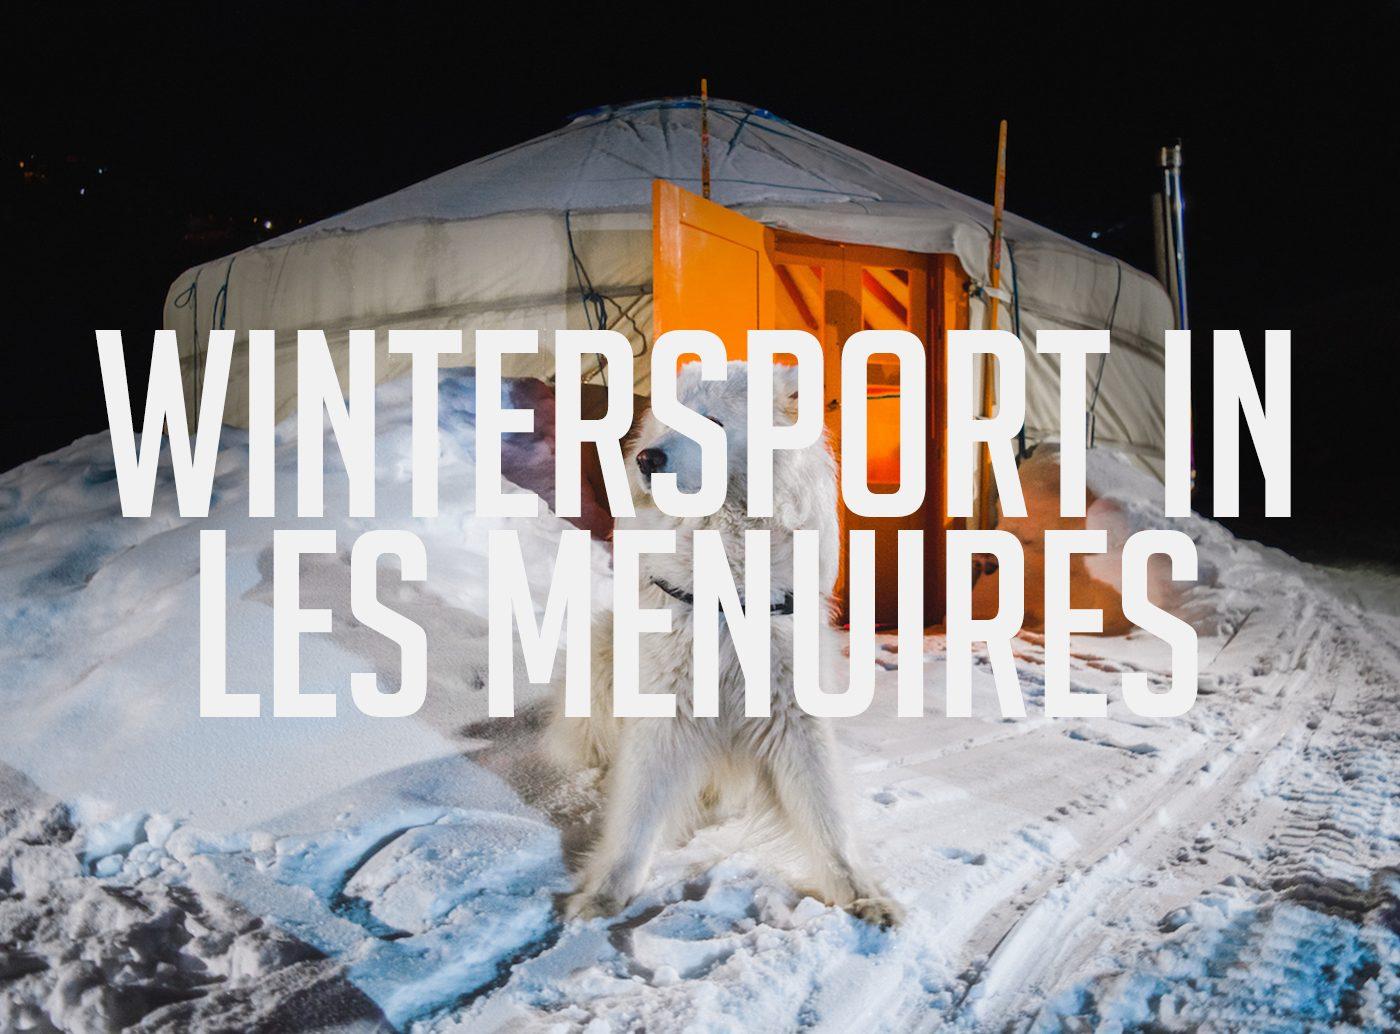 wintersport in les menuires